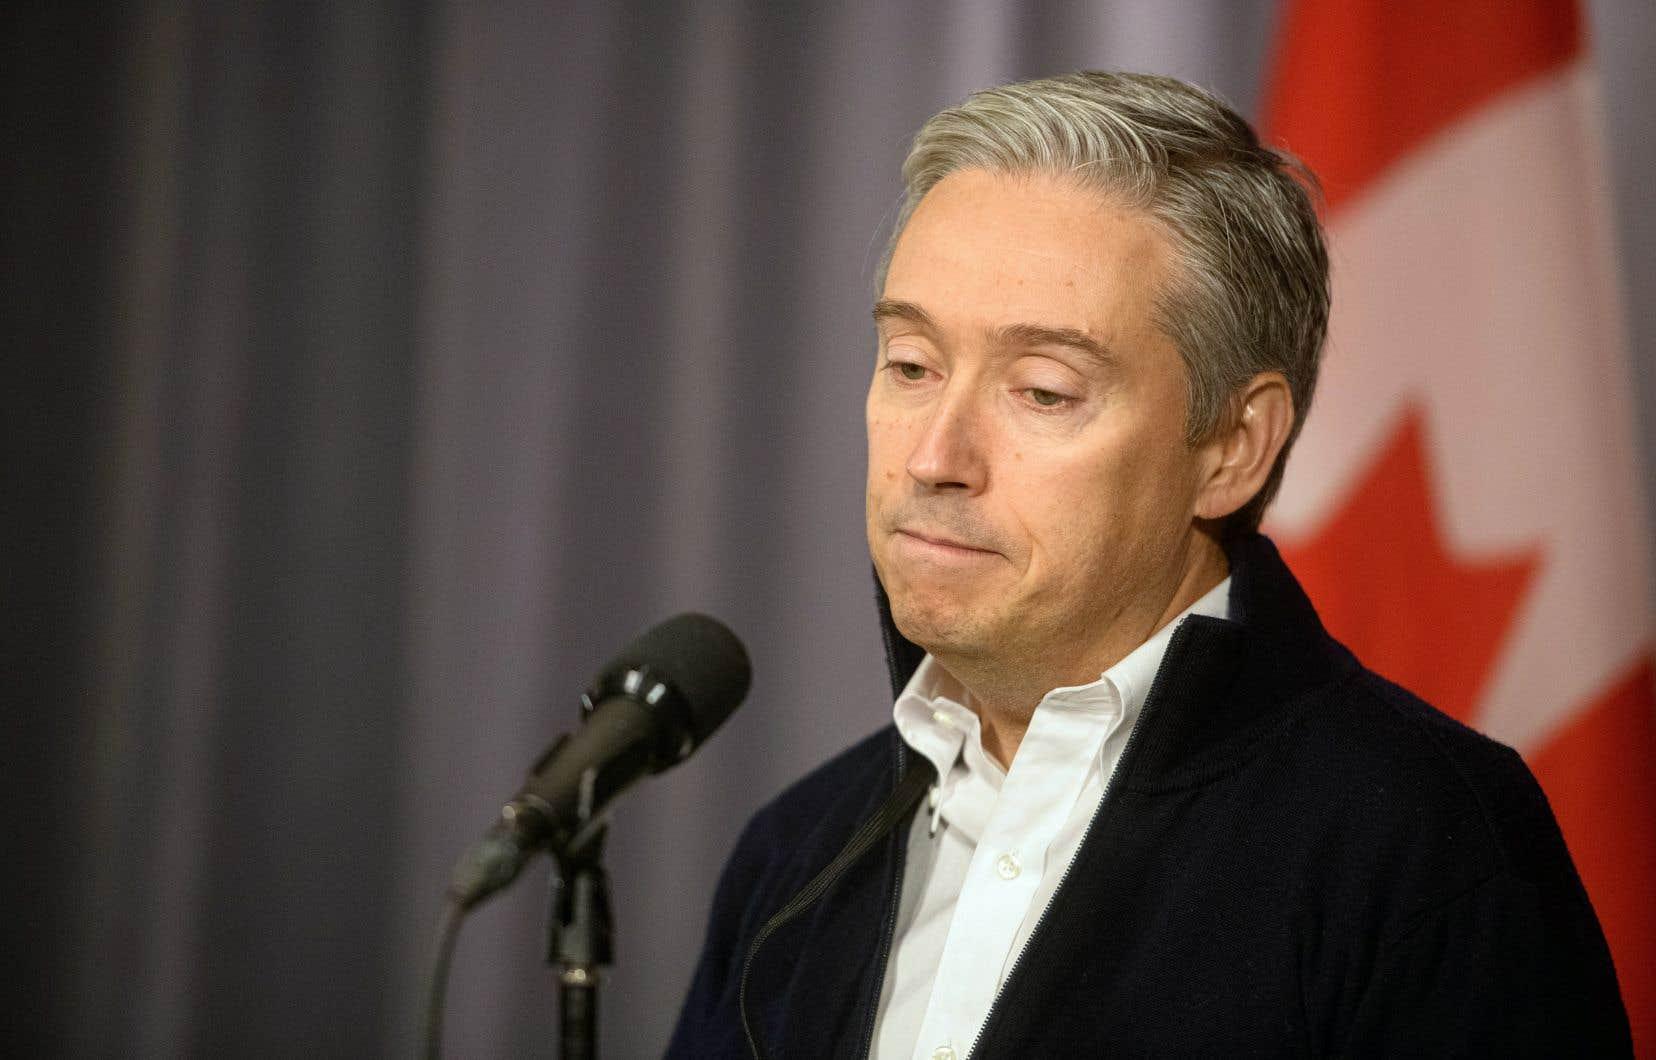 Le ministre des Affaires étrangères du Canada, François-Philippe Champagne, réclame que les boîtes noires soient vite analysées par des experts français ou ukrainiens.